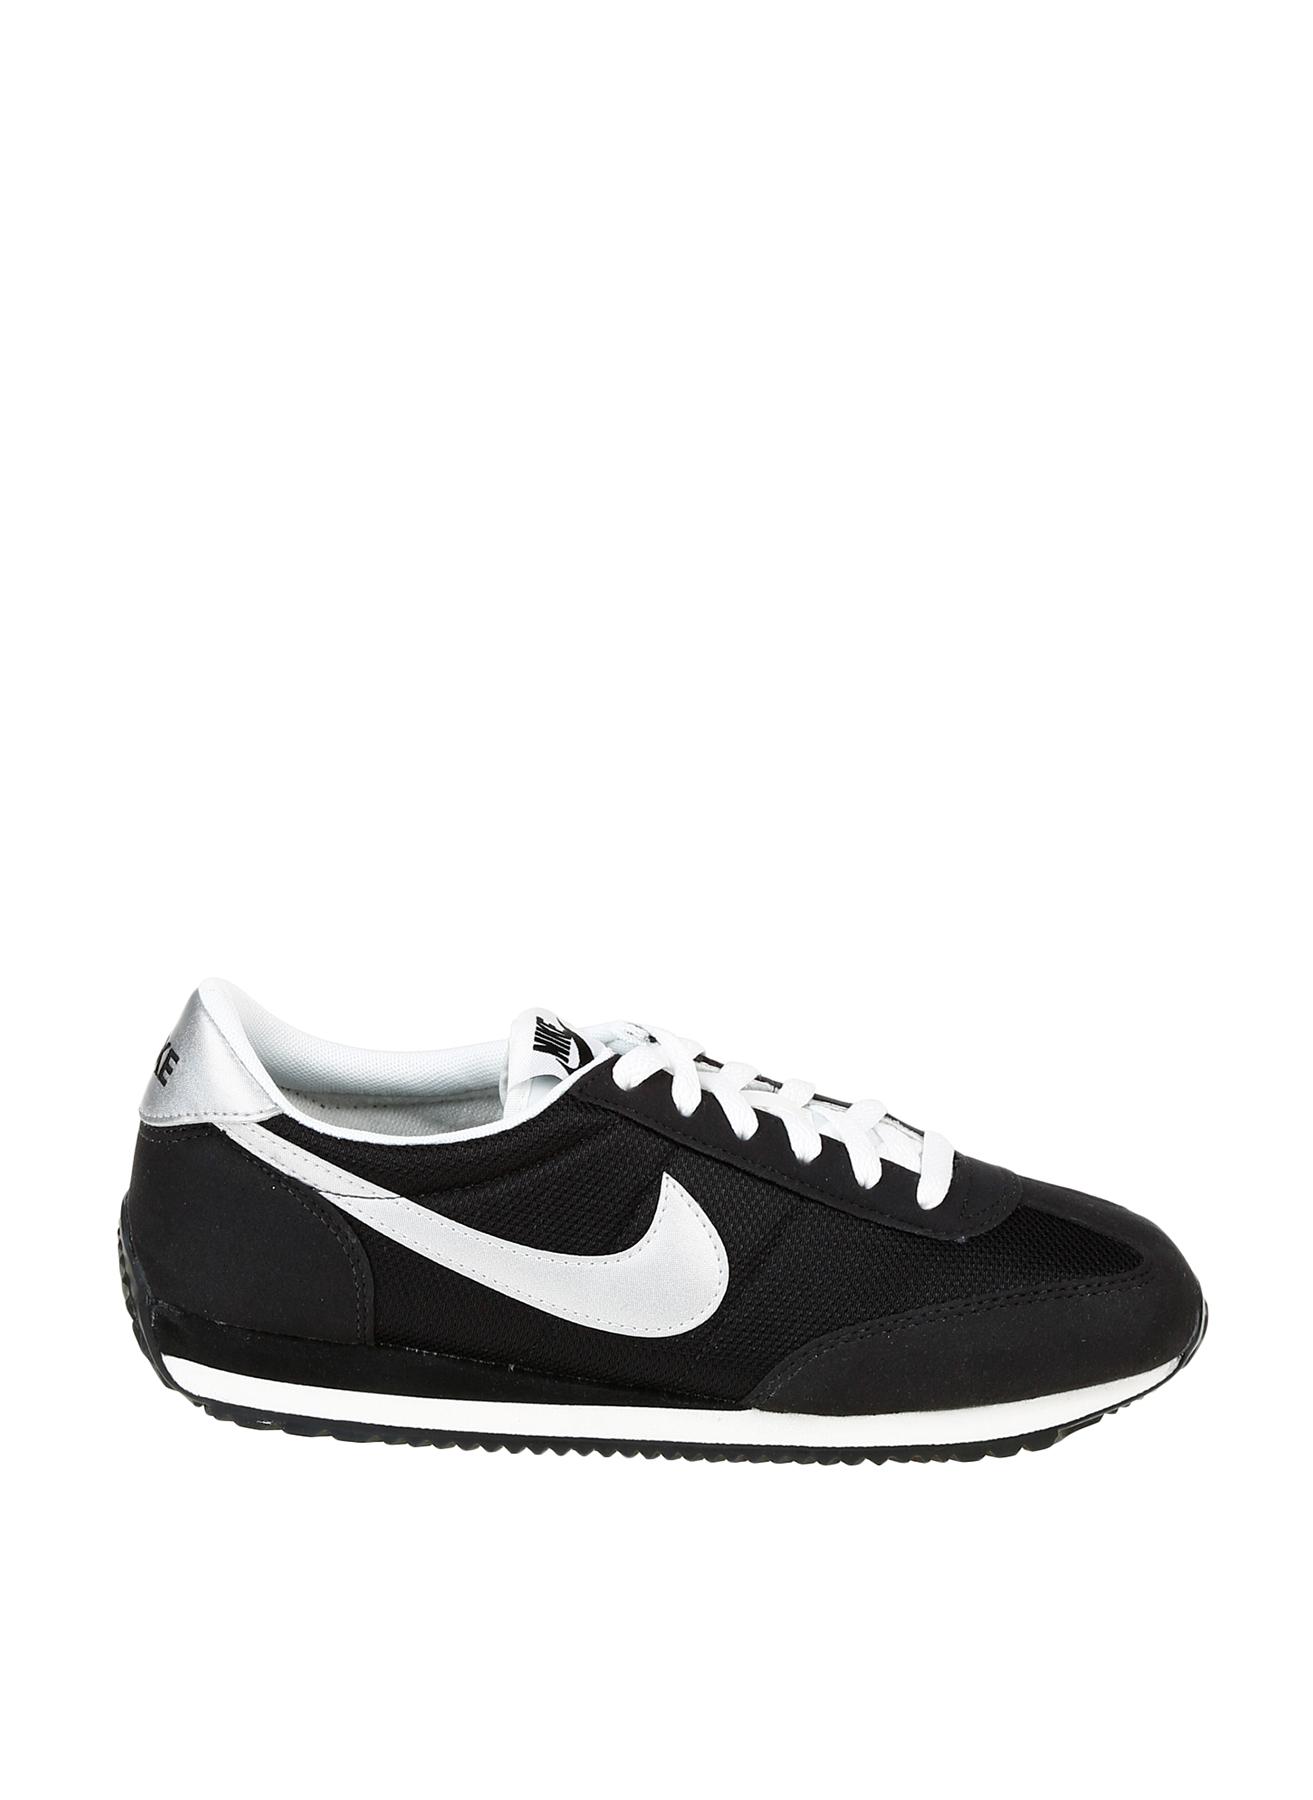 Nike Oceania Textile Lıfestyle Ayakkabı 40.5 5001634950007 Ürün Resmi